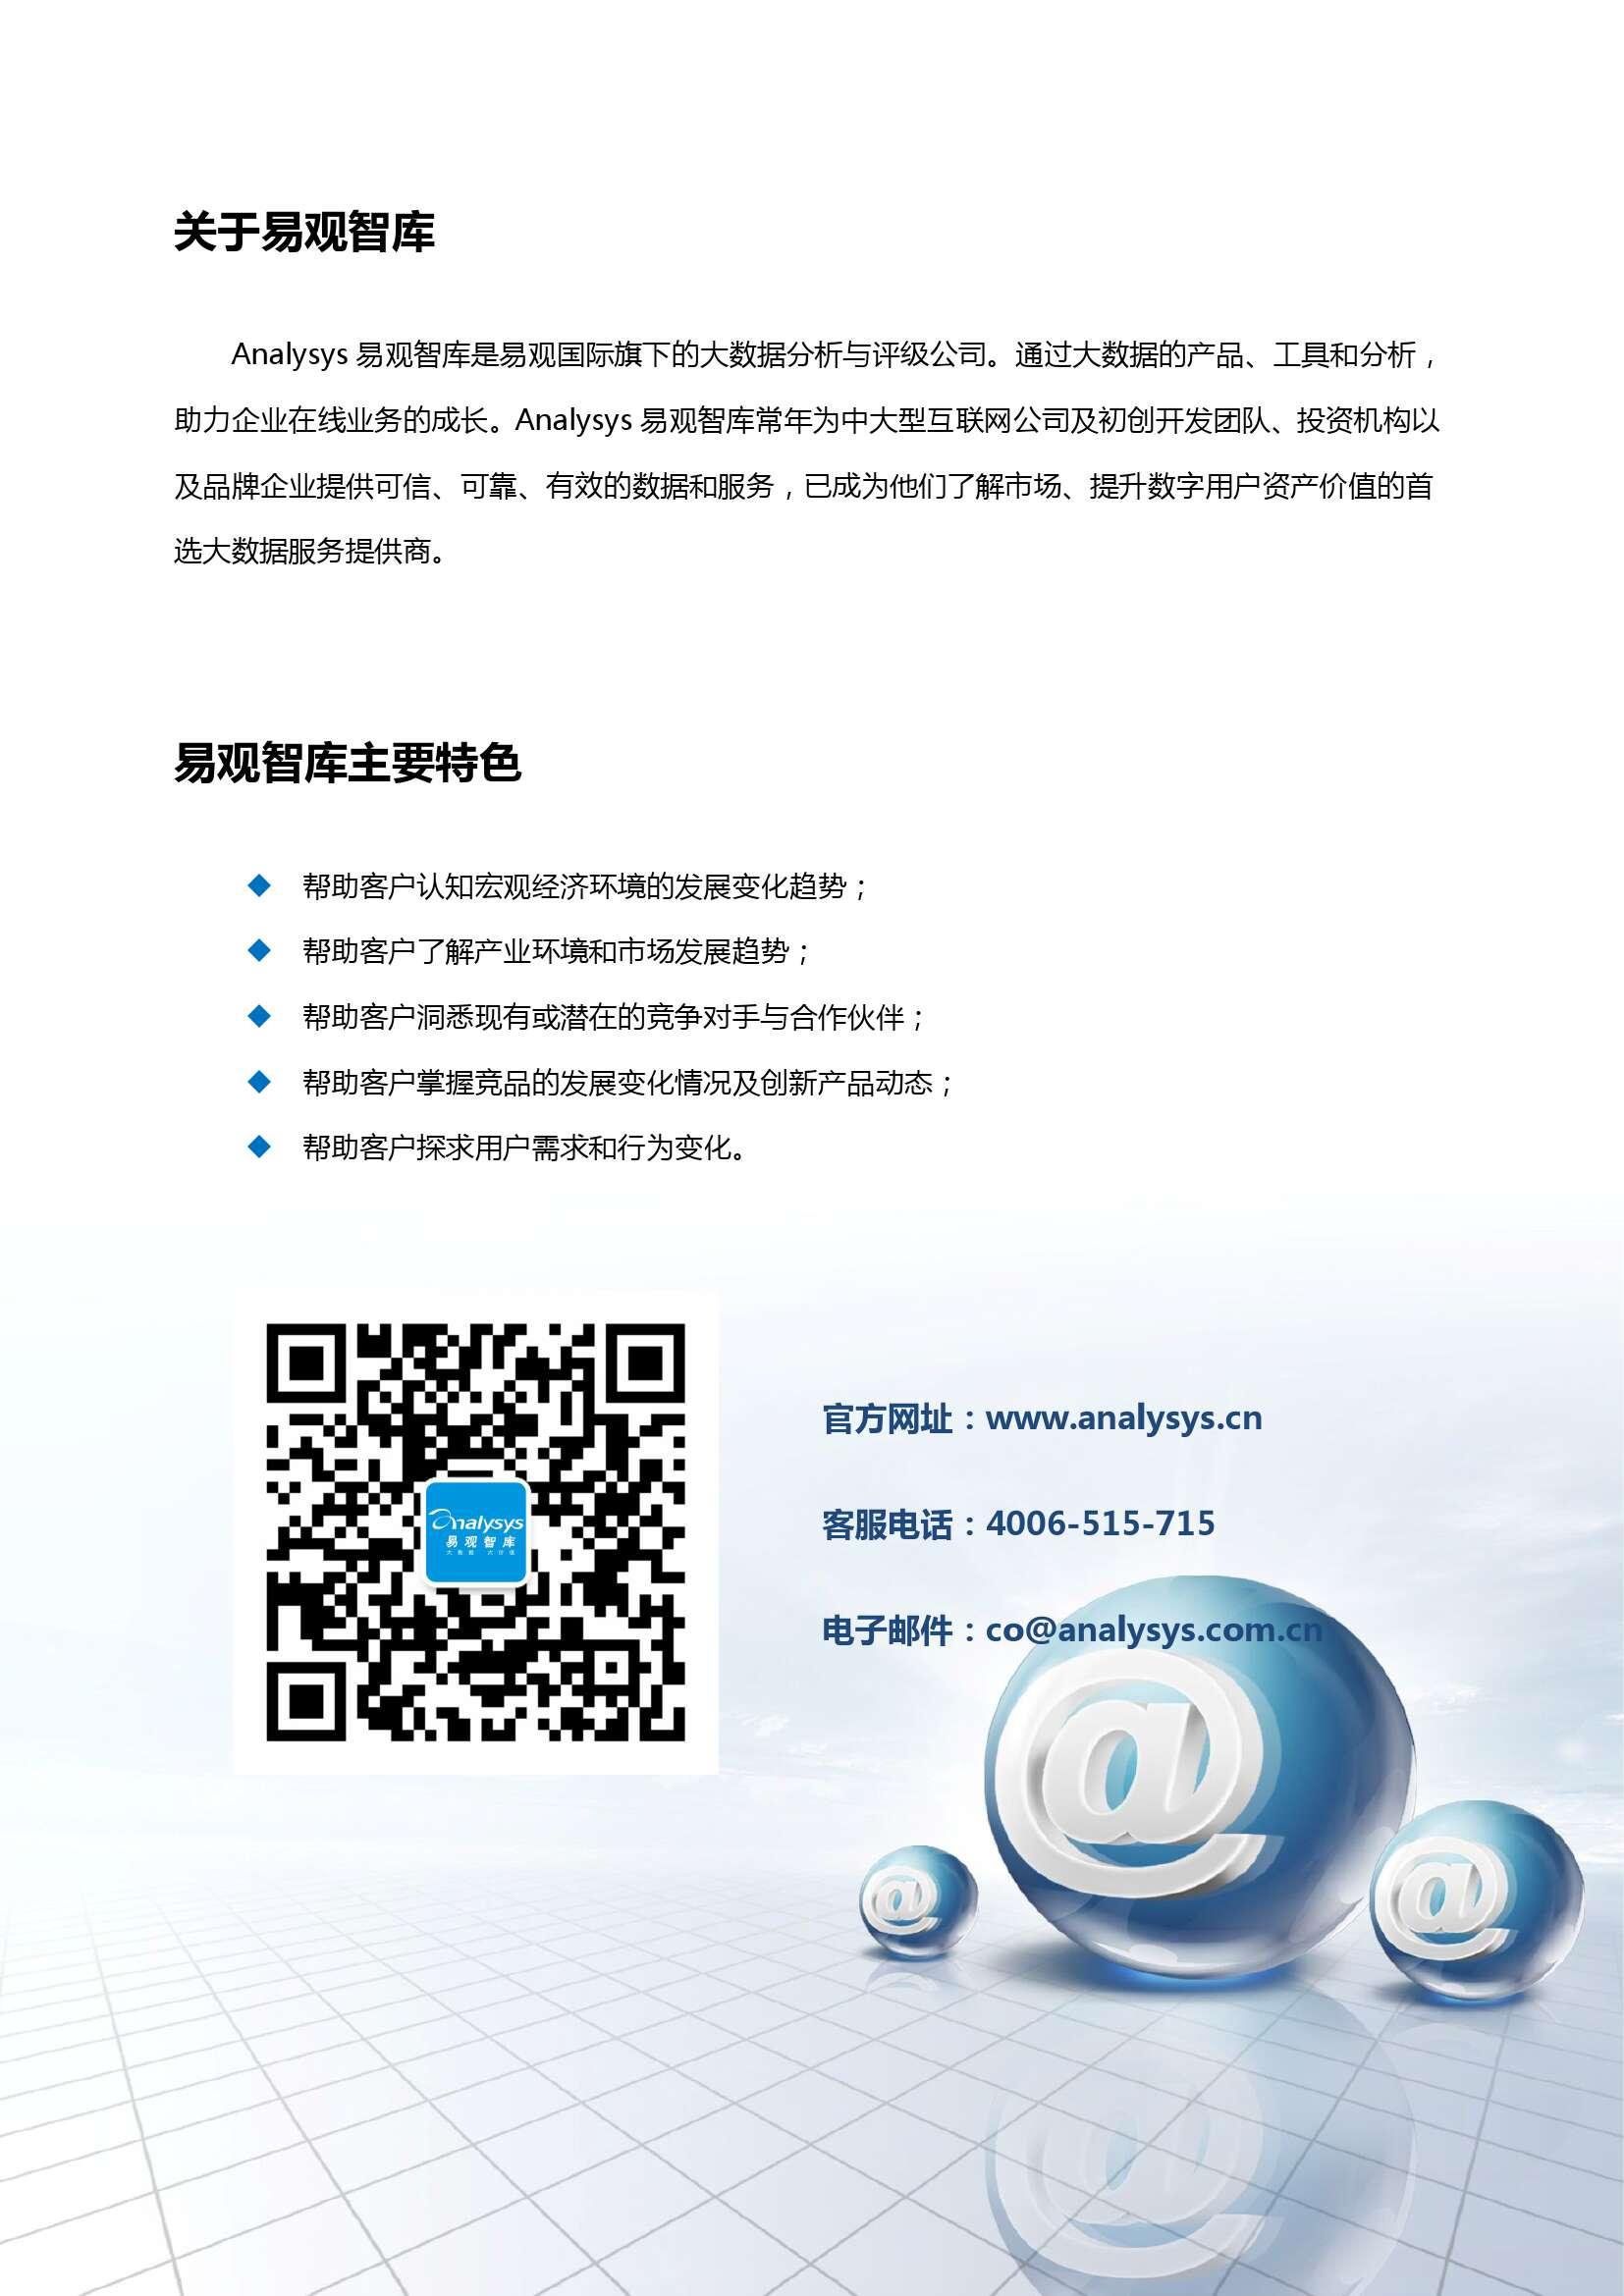 中国程序化购买广告市场年度综合报告2016_000061